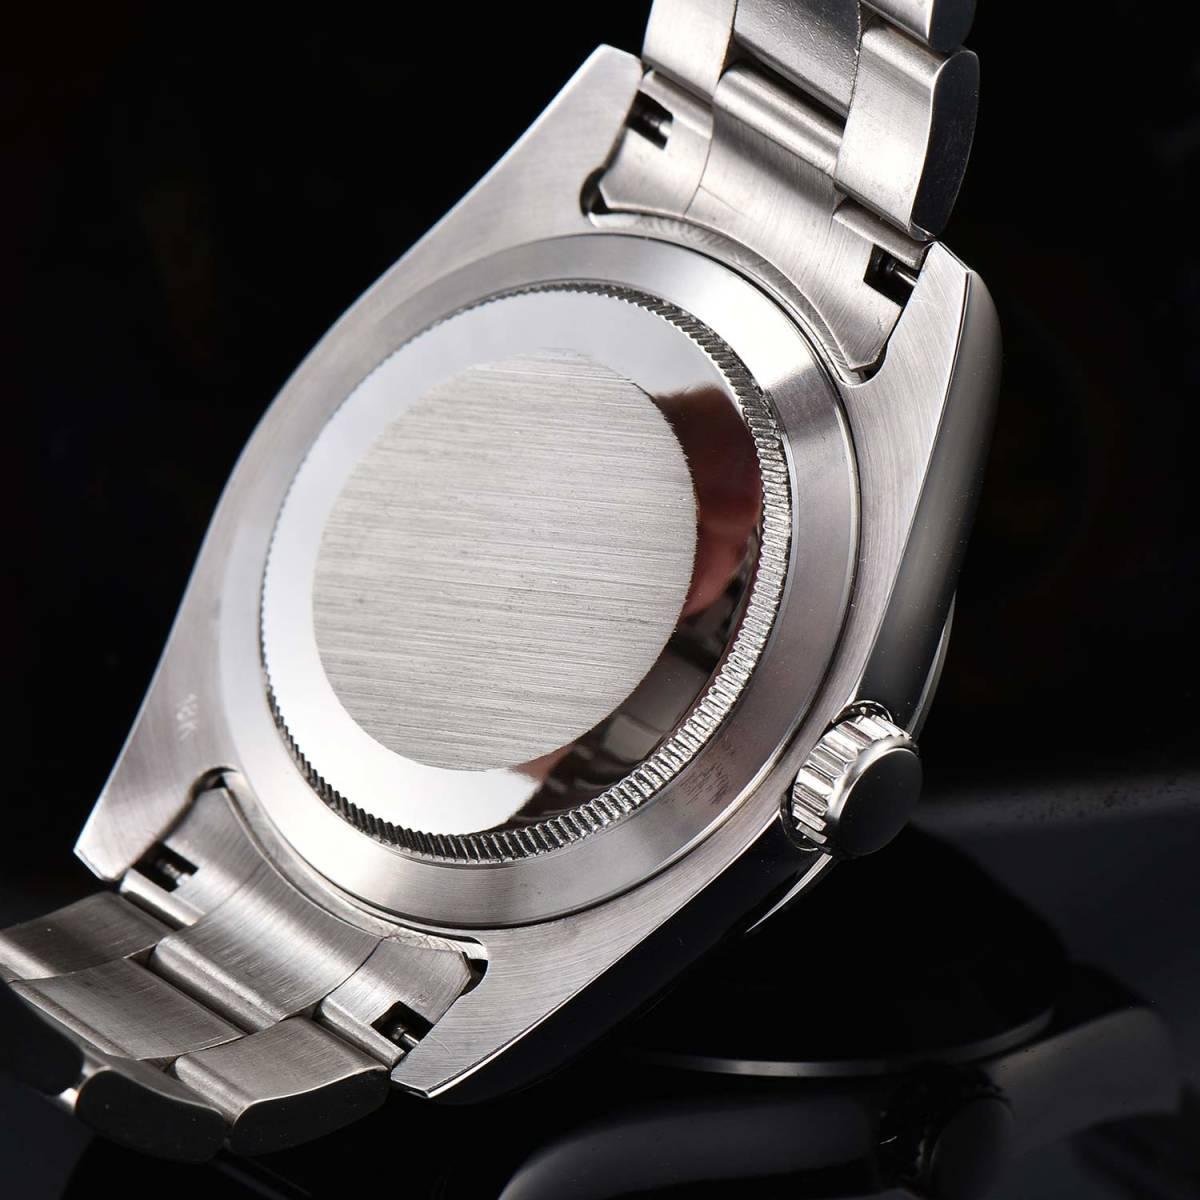 【希望小売価格:29,800円】日本製ムーブメント40mmメンズ自動巻き腕時計ミルガウス/スーツに似合う人気高級ブランド/防水/おすすめ_画像10